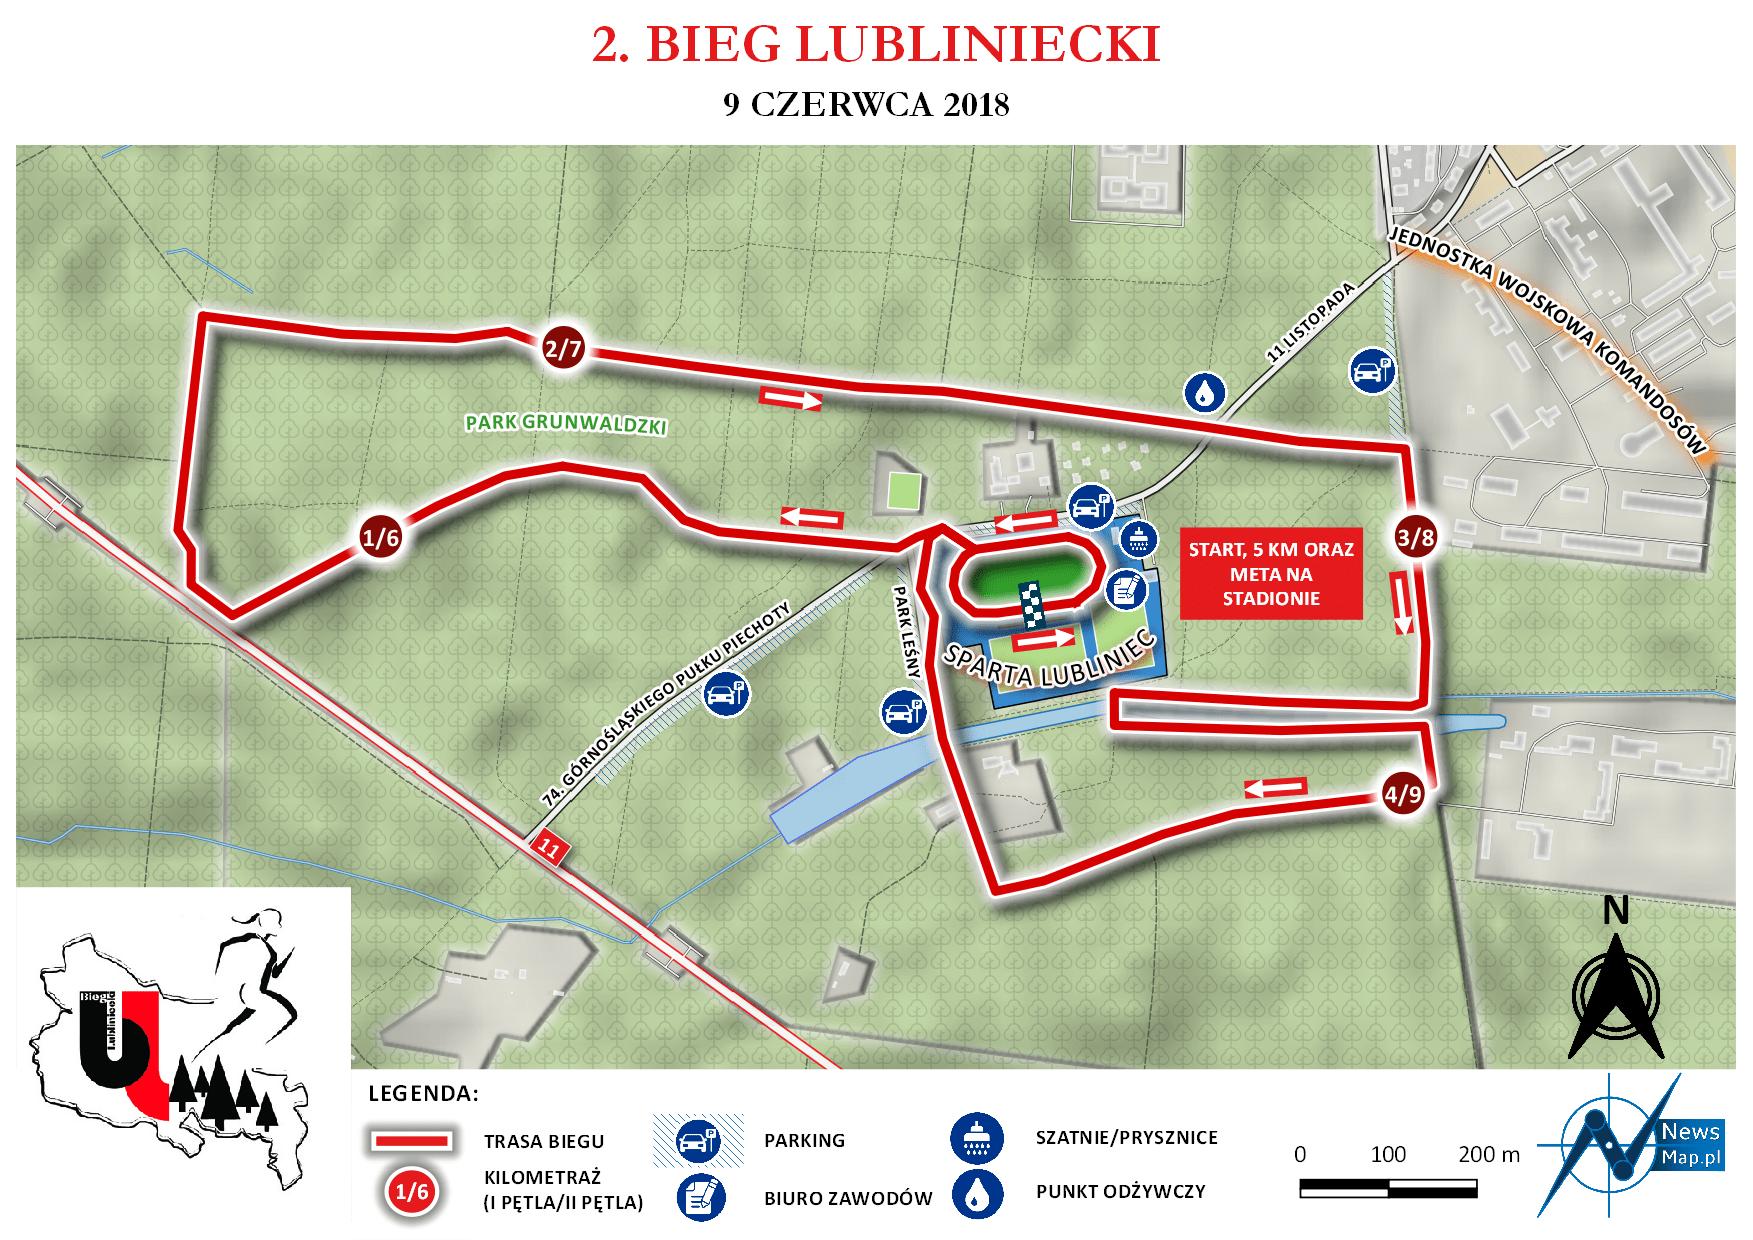 2. Bieg Lubliniecki - mapa statyczna on-line